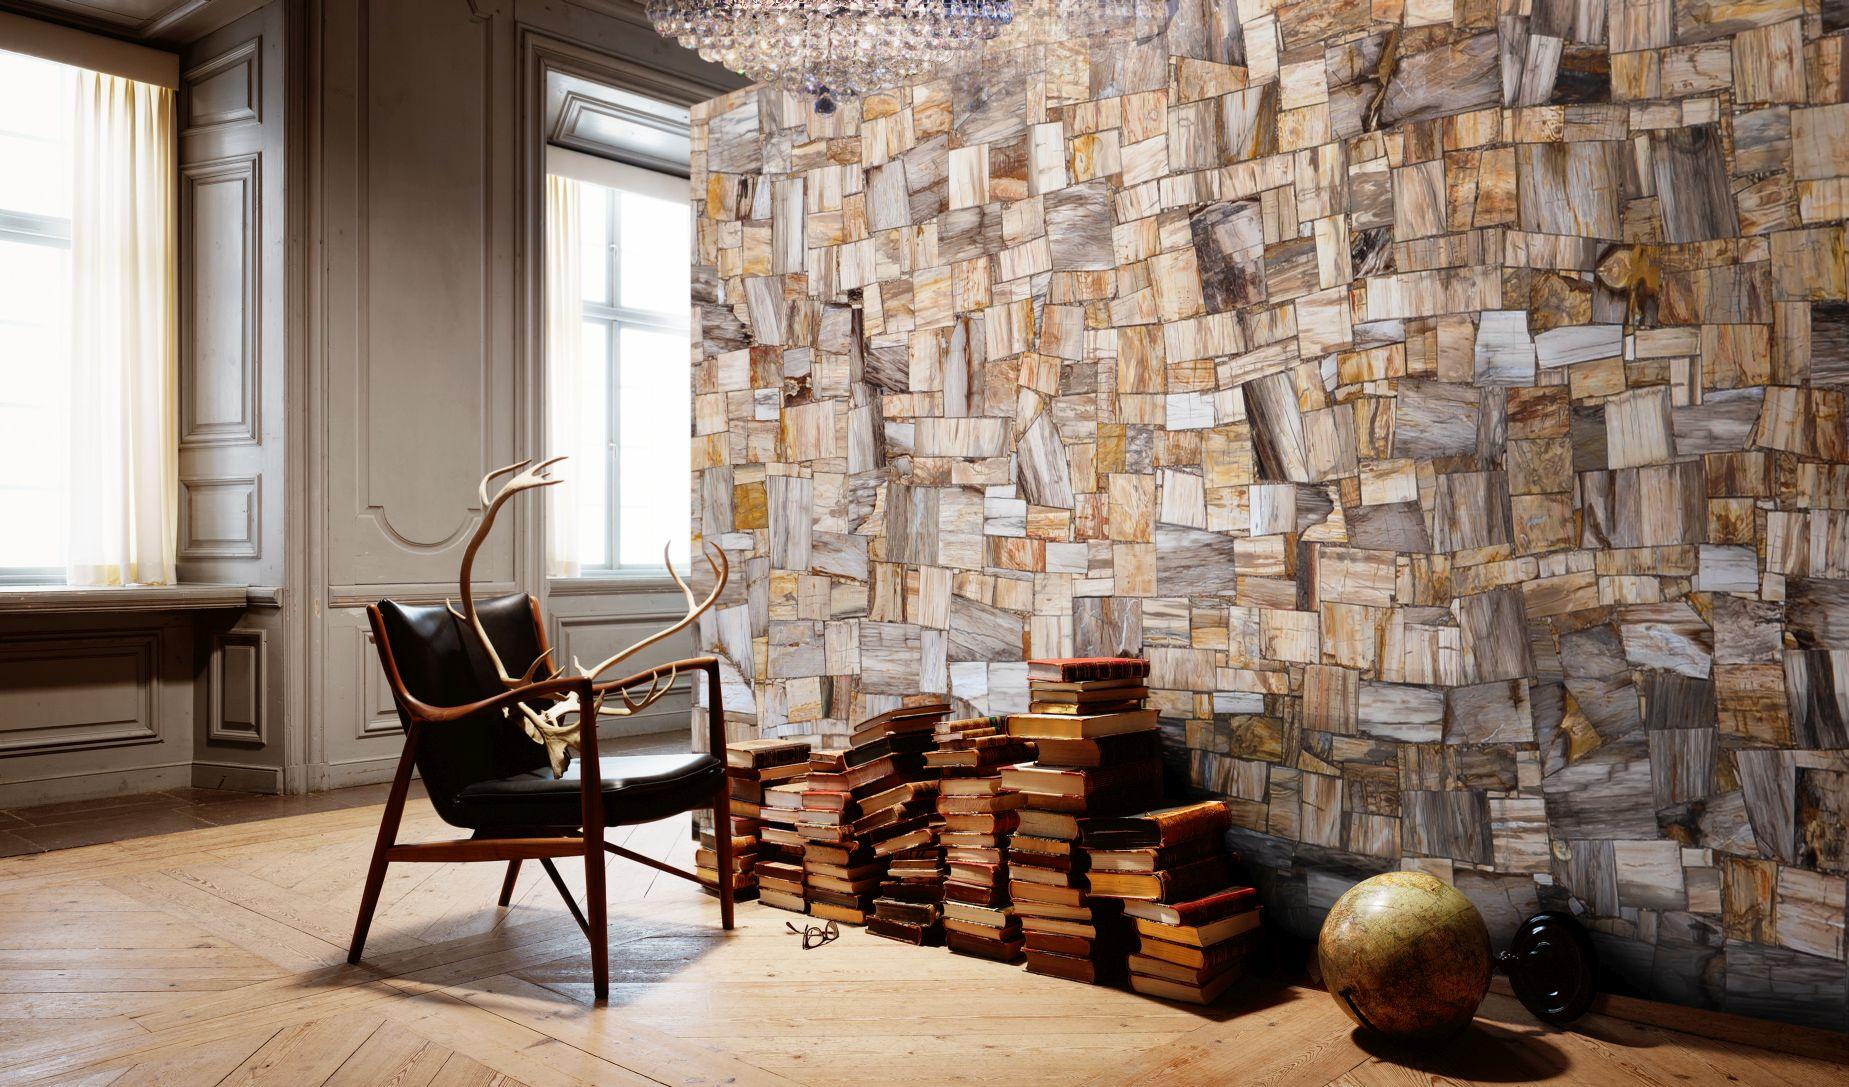 petrified wood brown jurassic random decorative wall